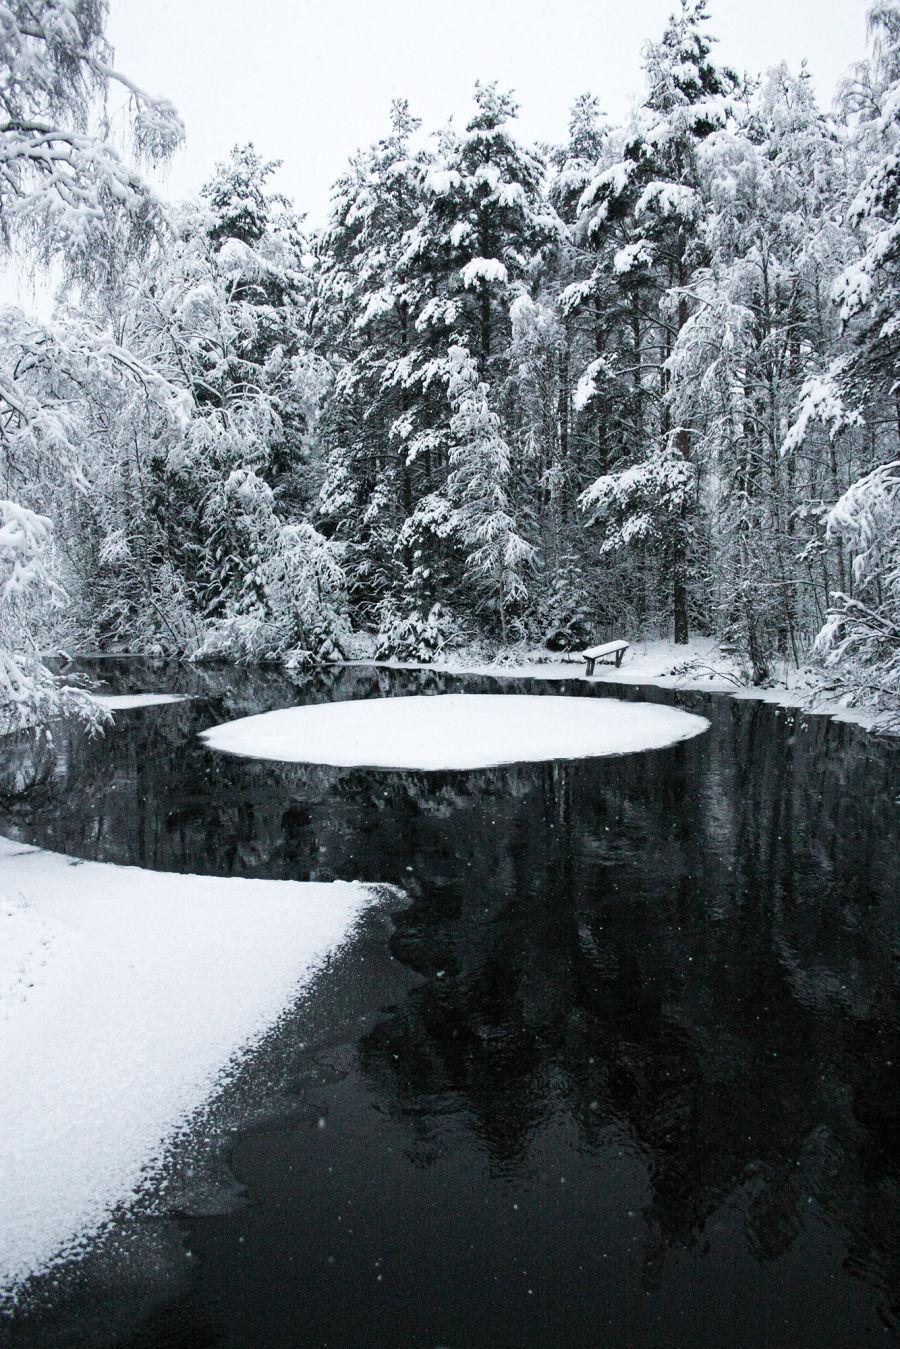 Metsän keskellä olevaan jokeen muodostunut ympyränmuotoinen jäälautta, joka pyörii joen virran voimalla